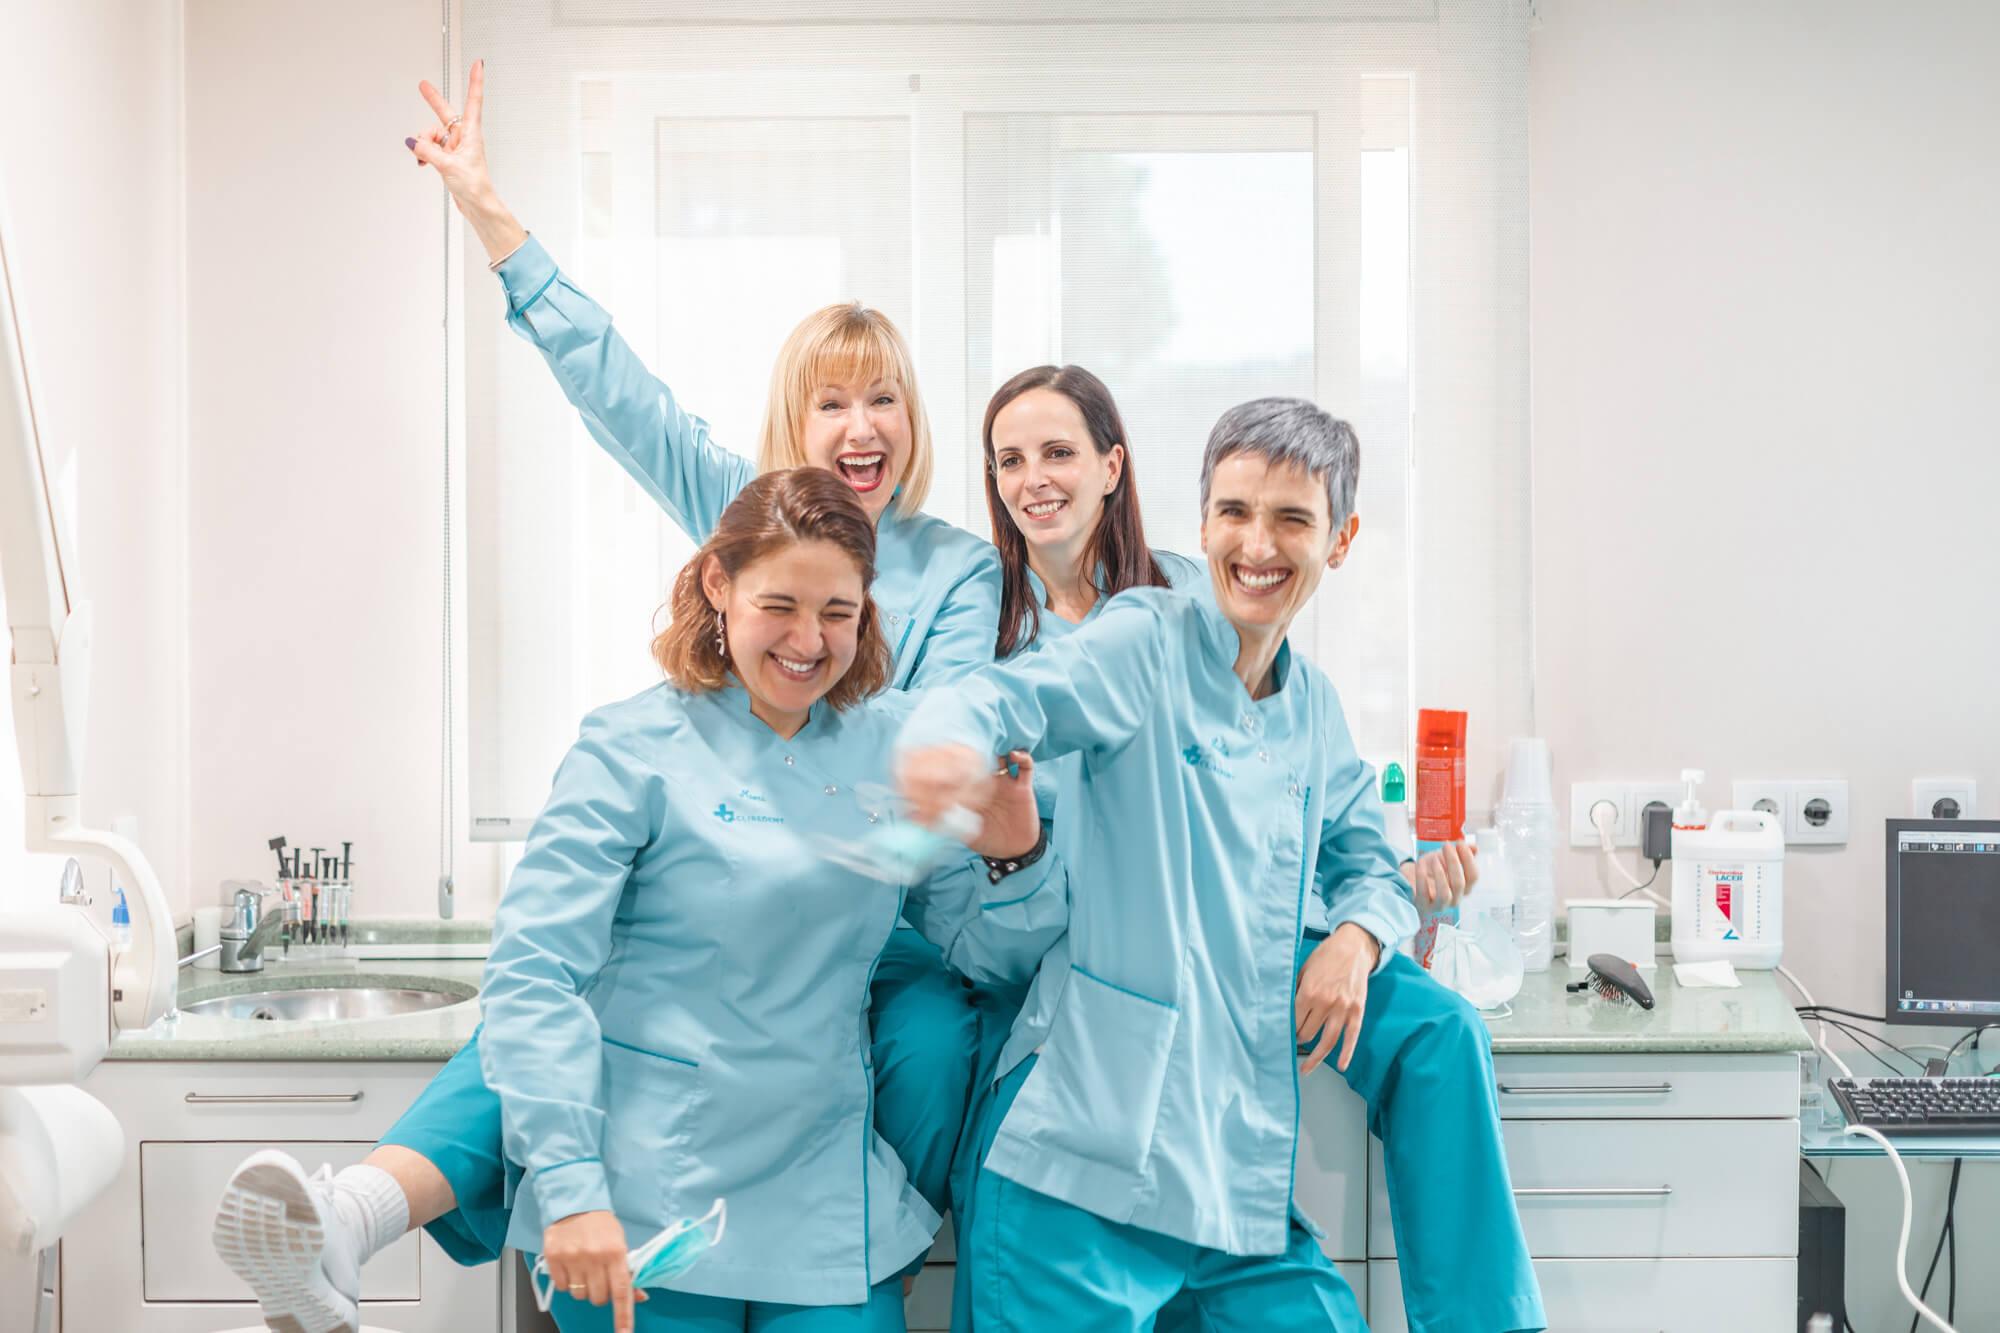 equipo auxiliares dentista cliredent